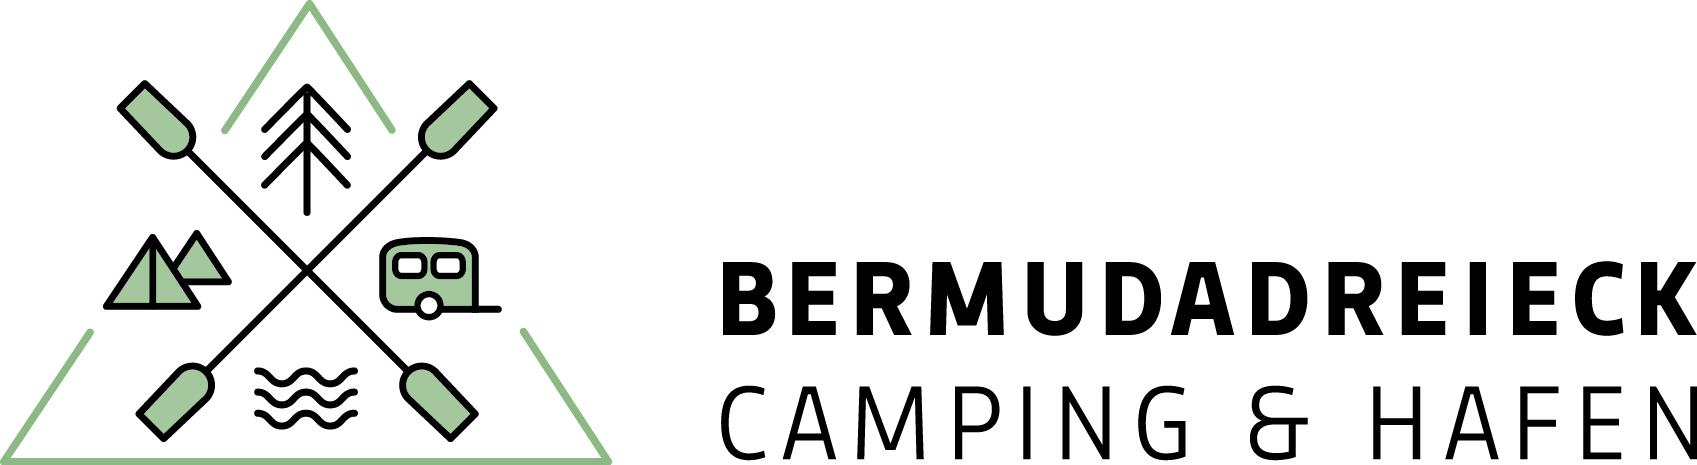 Campingplatz & Hafen Bermudadreieck in Mecklenburg-Vorpommern